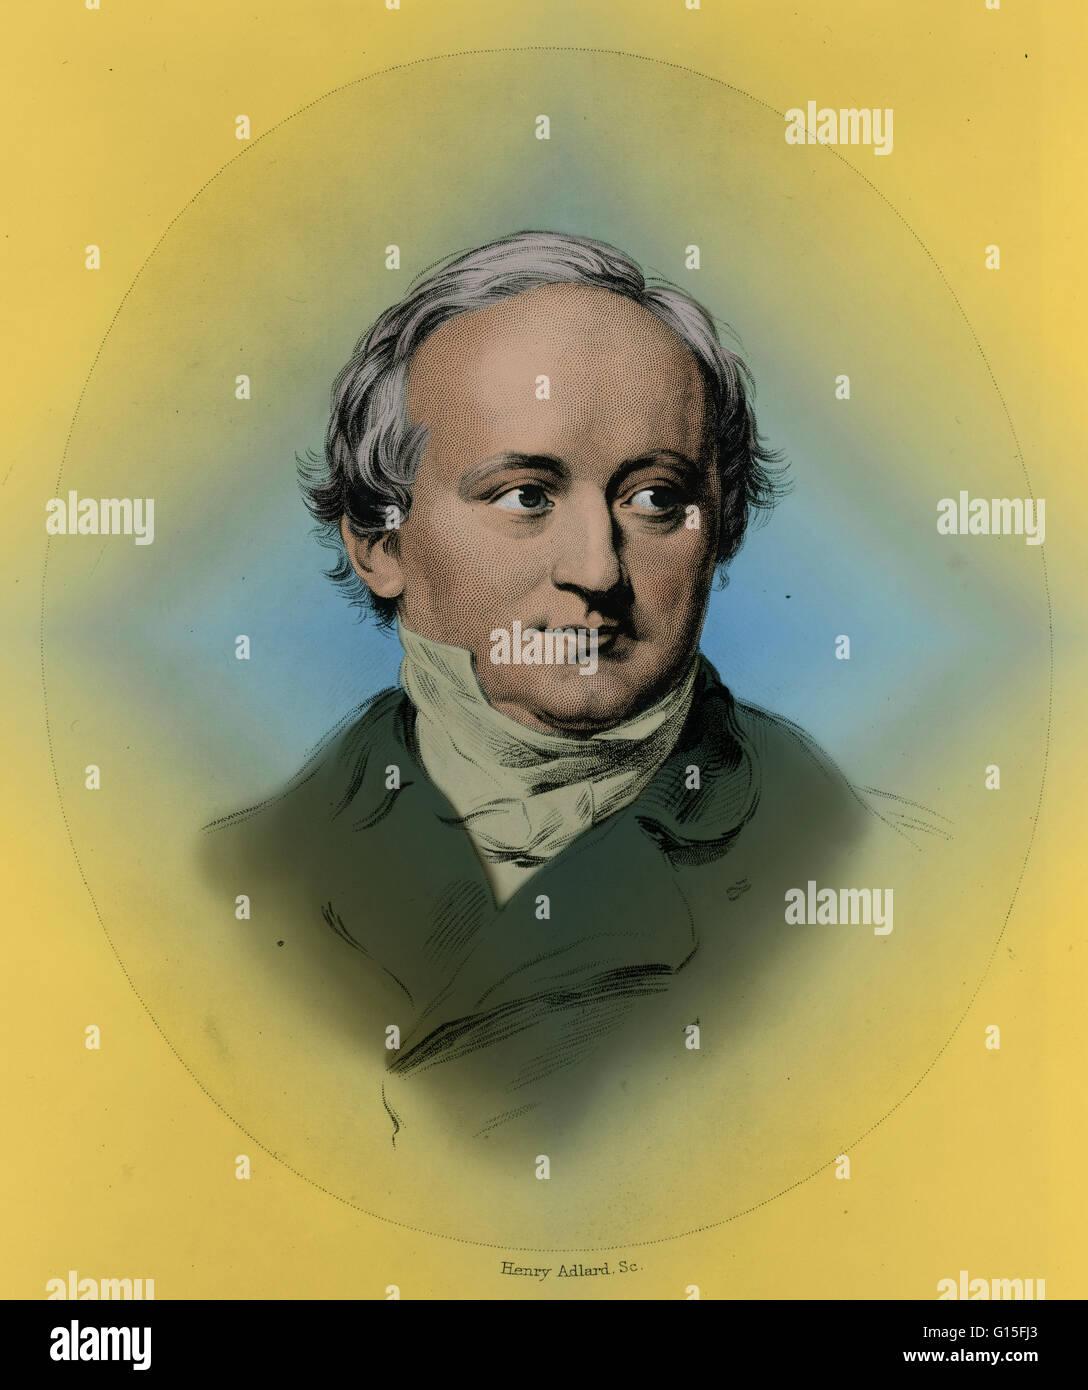 Retrato de Karl CRISTIANO JOSIAS von Bunsen (Agosto 25, 1791 - Noviembre 28, 1860), diplomático alemán y erudito. Nacido en Korbach alemán en el principado de Waldeck en una familia pobre, Bunsen sobresalió en la escuela. Fue designado a la Embajada de Prusia Foto de stock